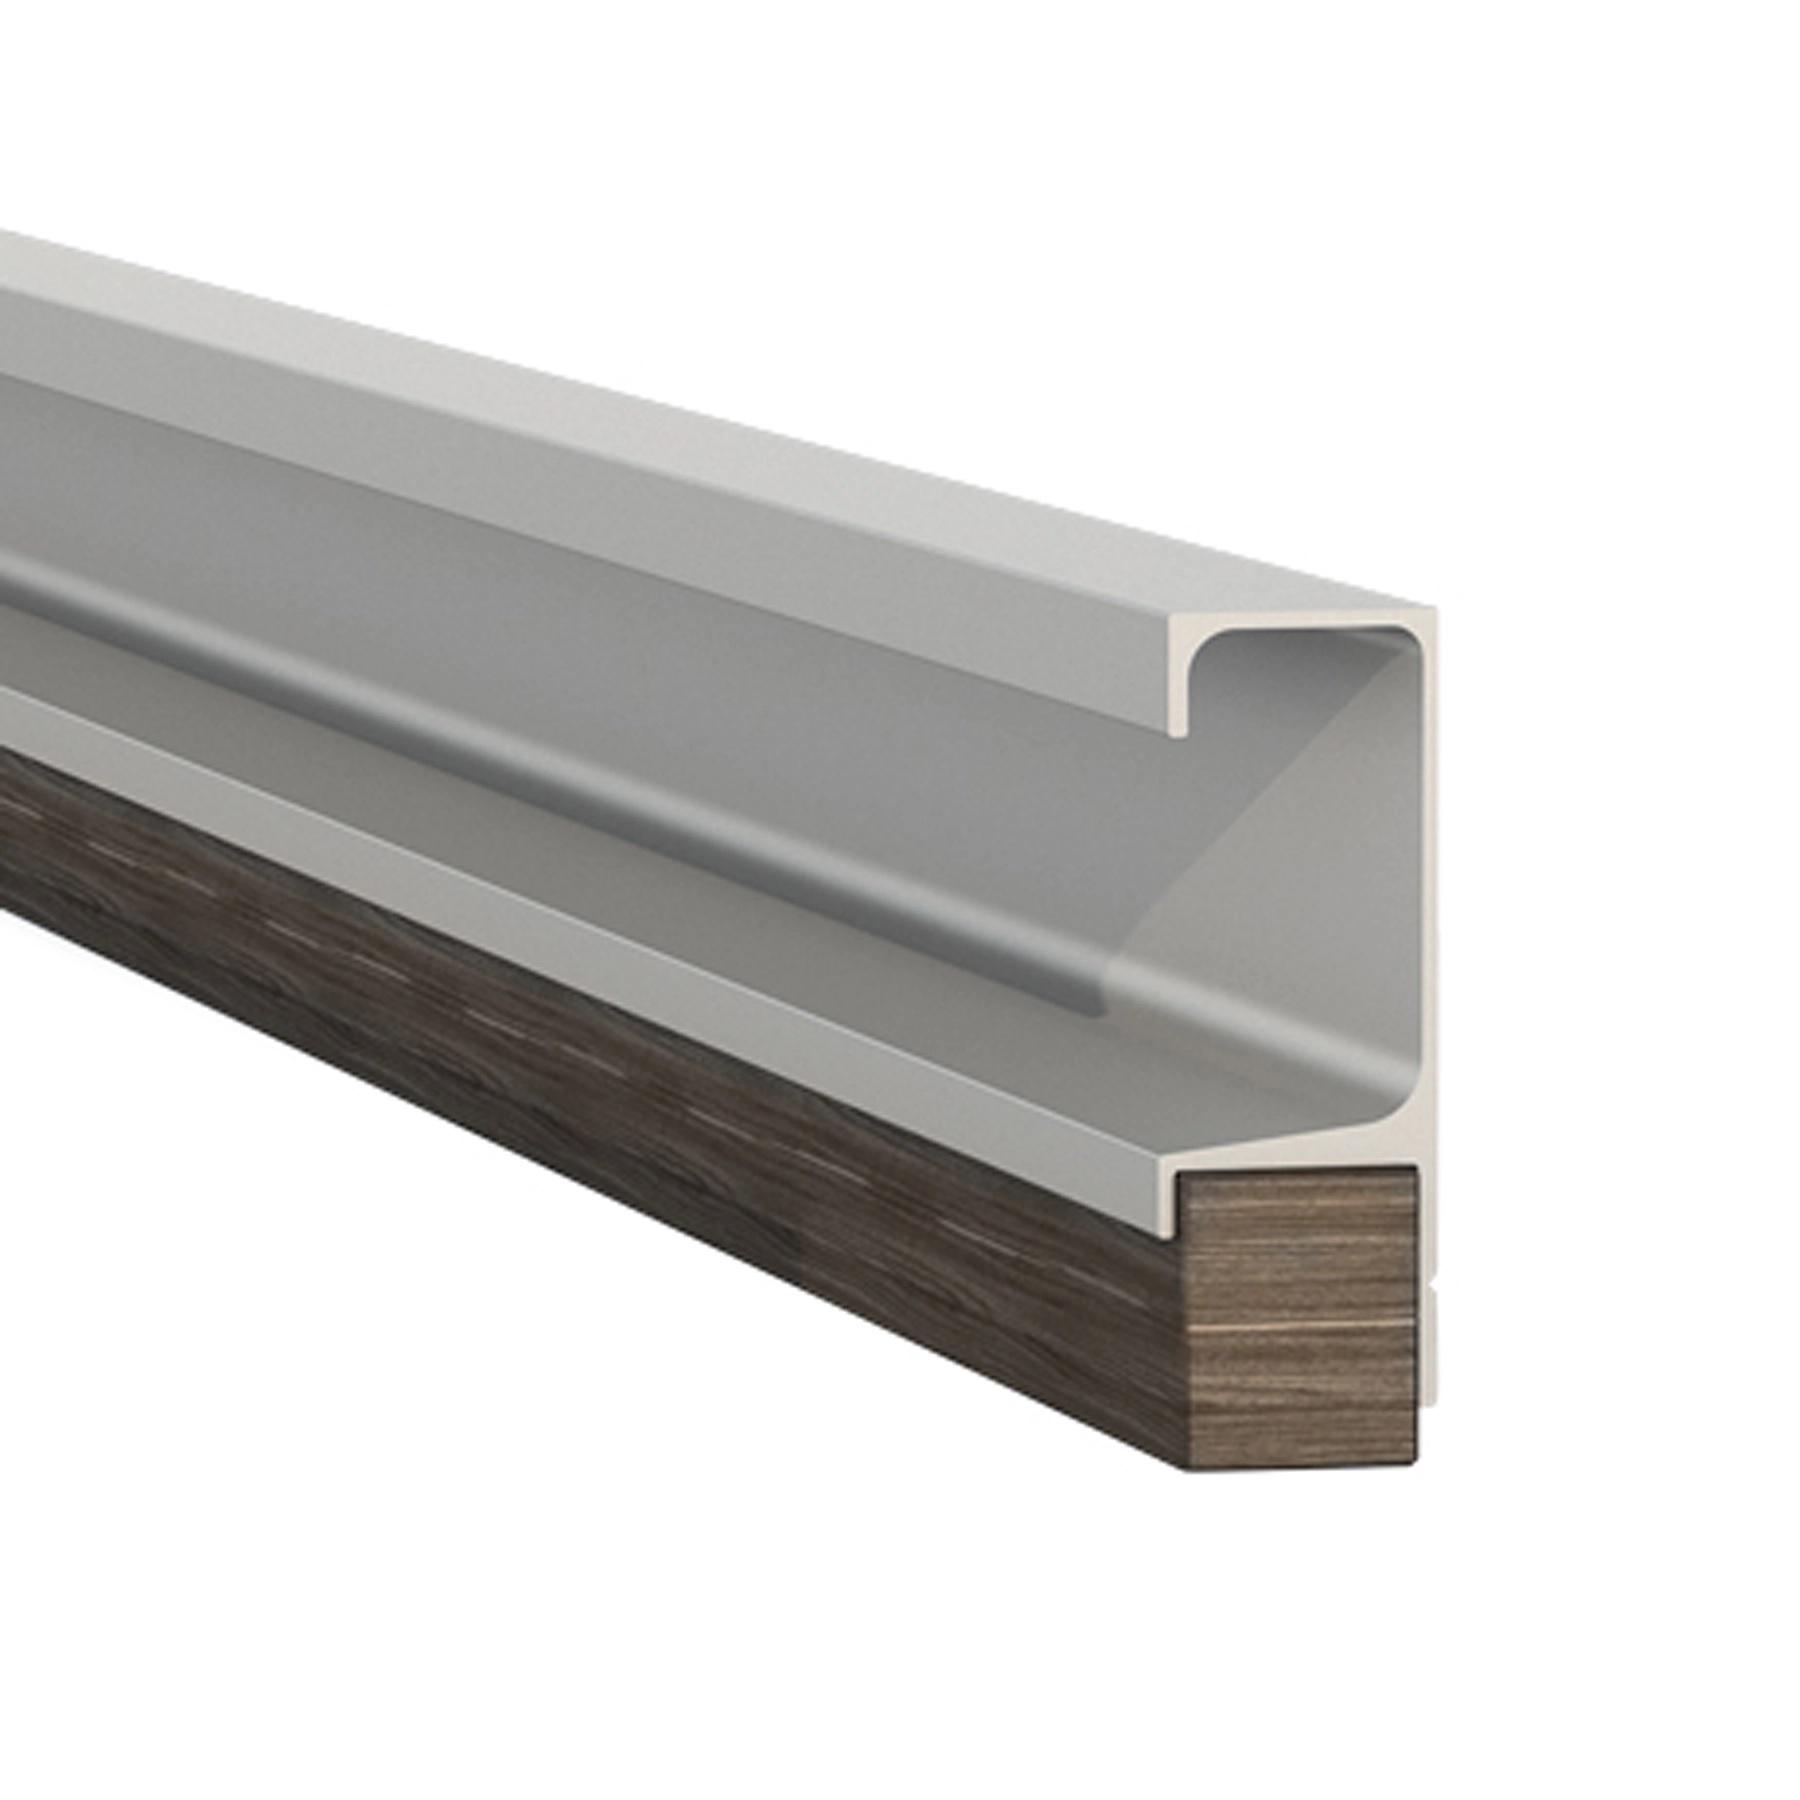 Puxador barra alumínio